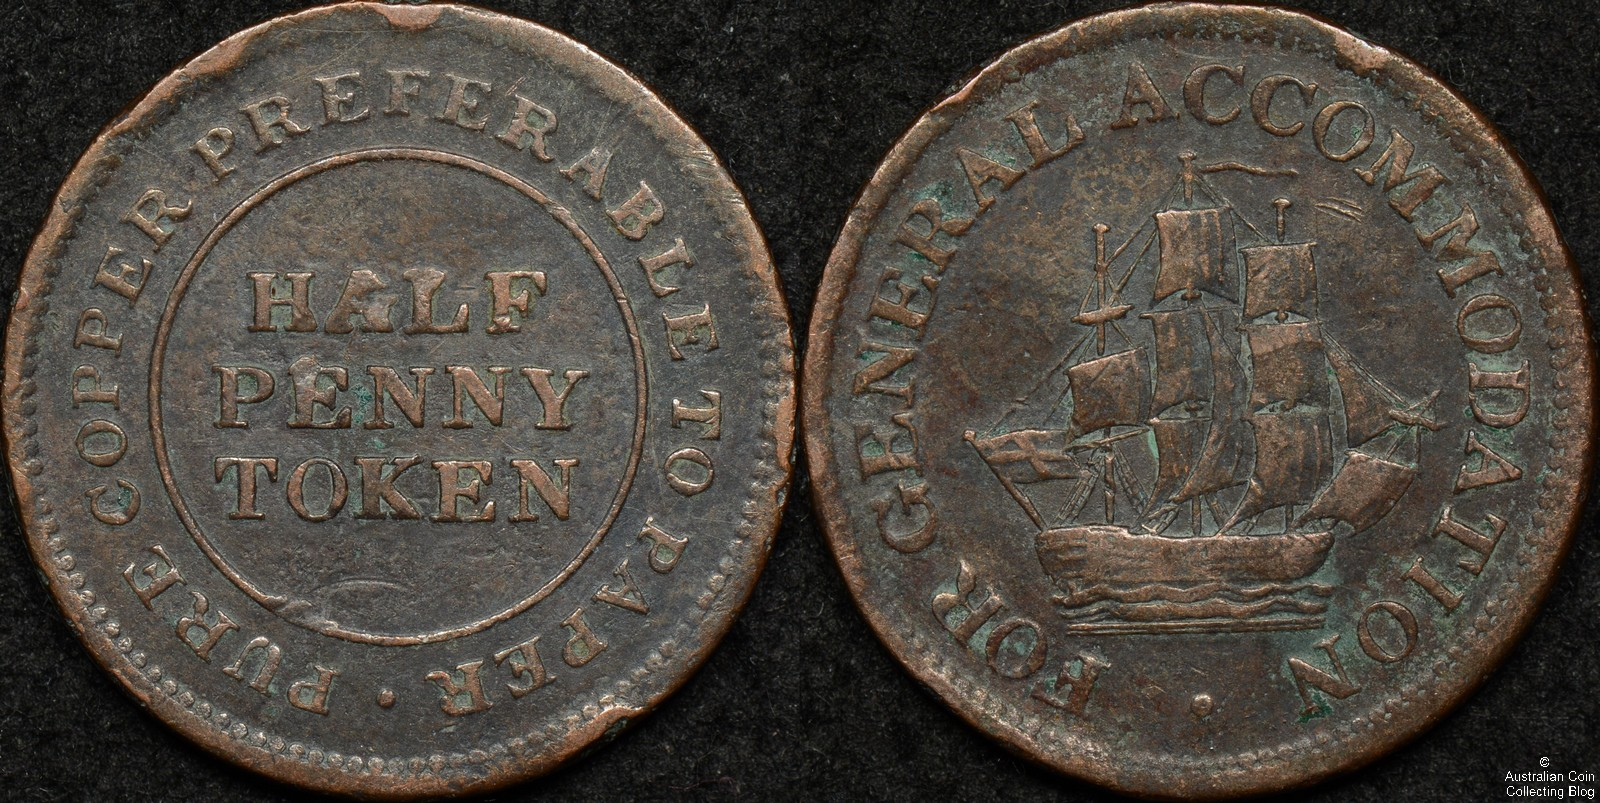 Canada 1813 Half Penny Token